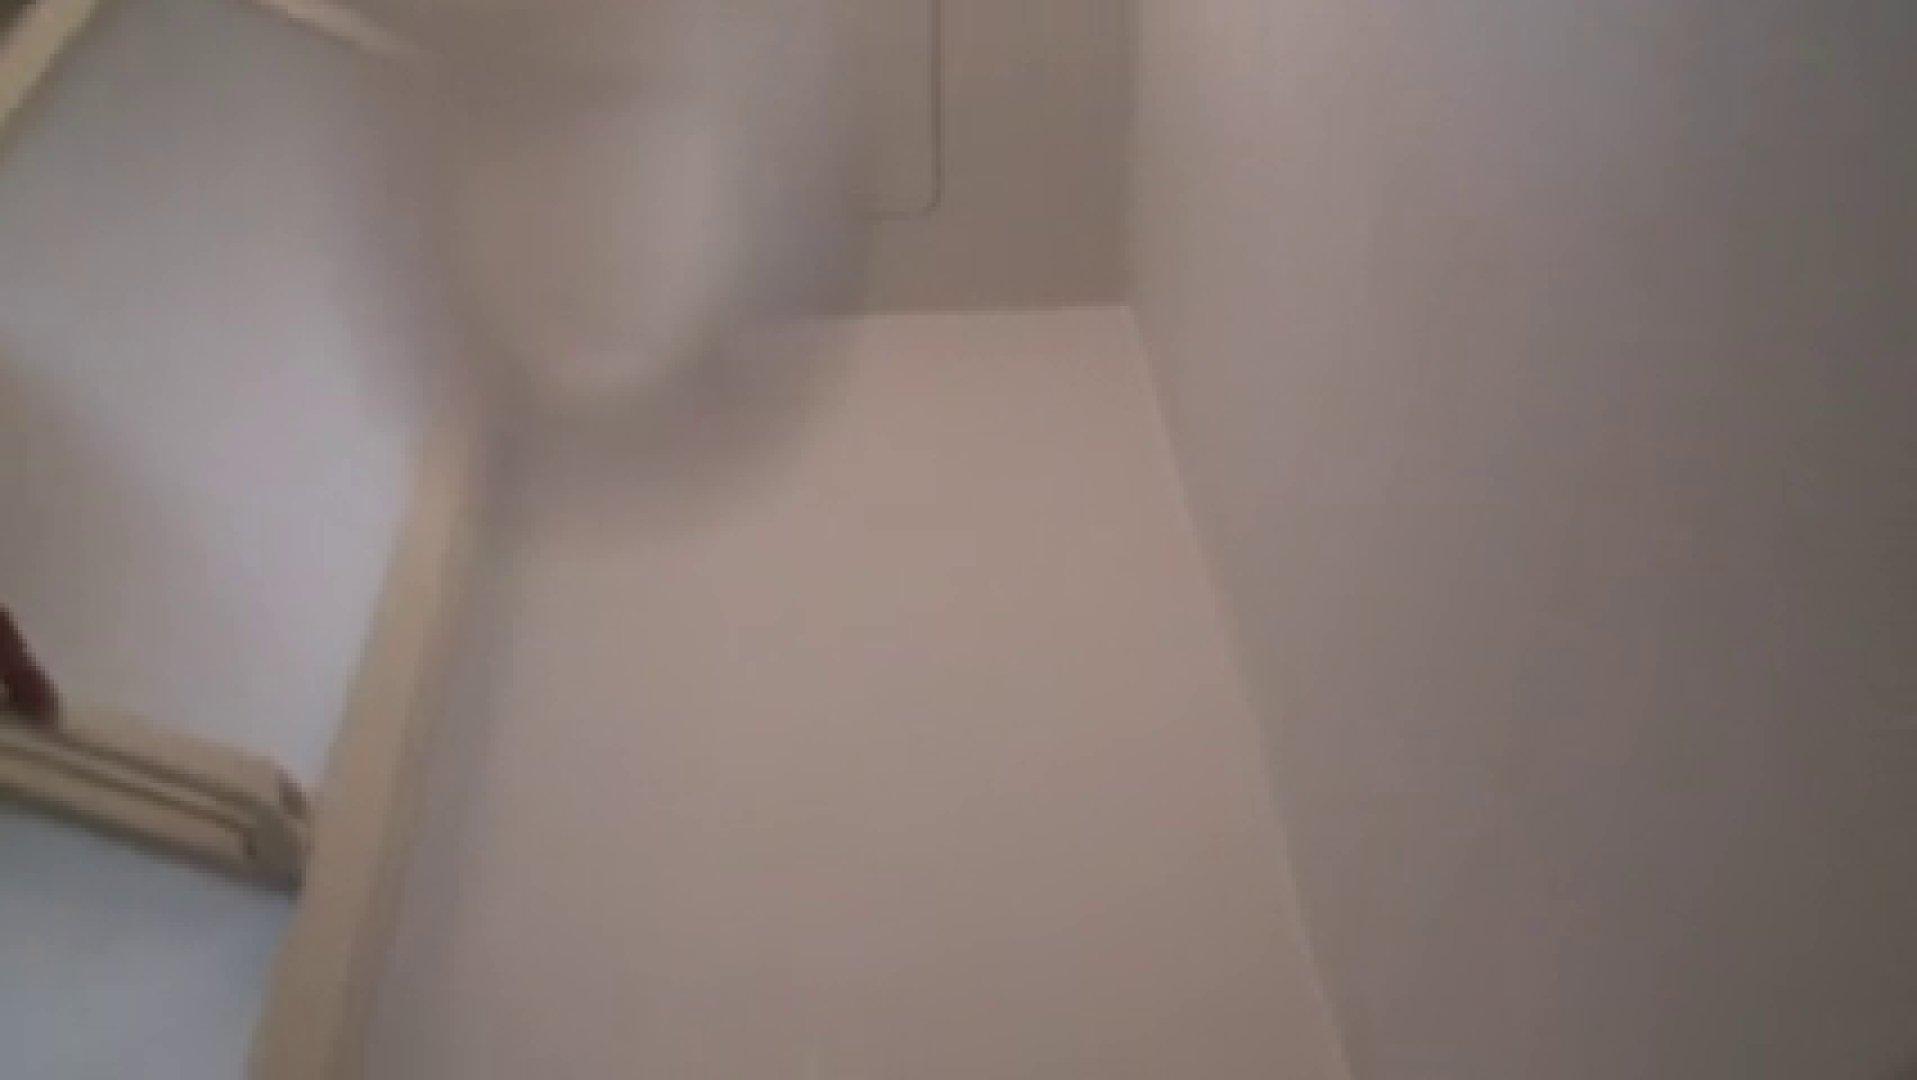 ハイビジョンカメラでチンポを隠し撮り!高画質ビットレート5000kで配信! 包茎 ゲイエロ動画 83pic 19